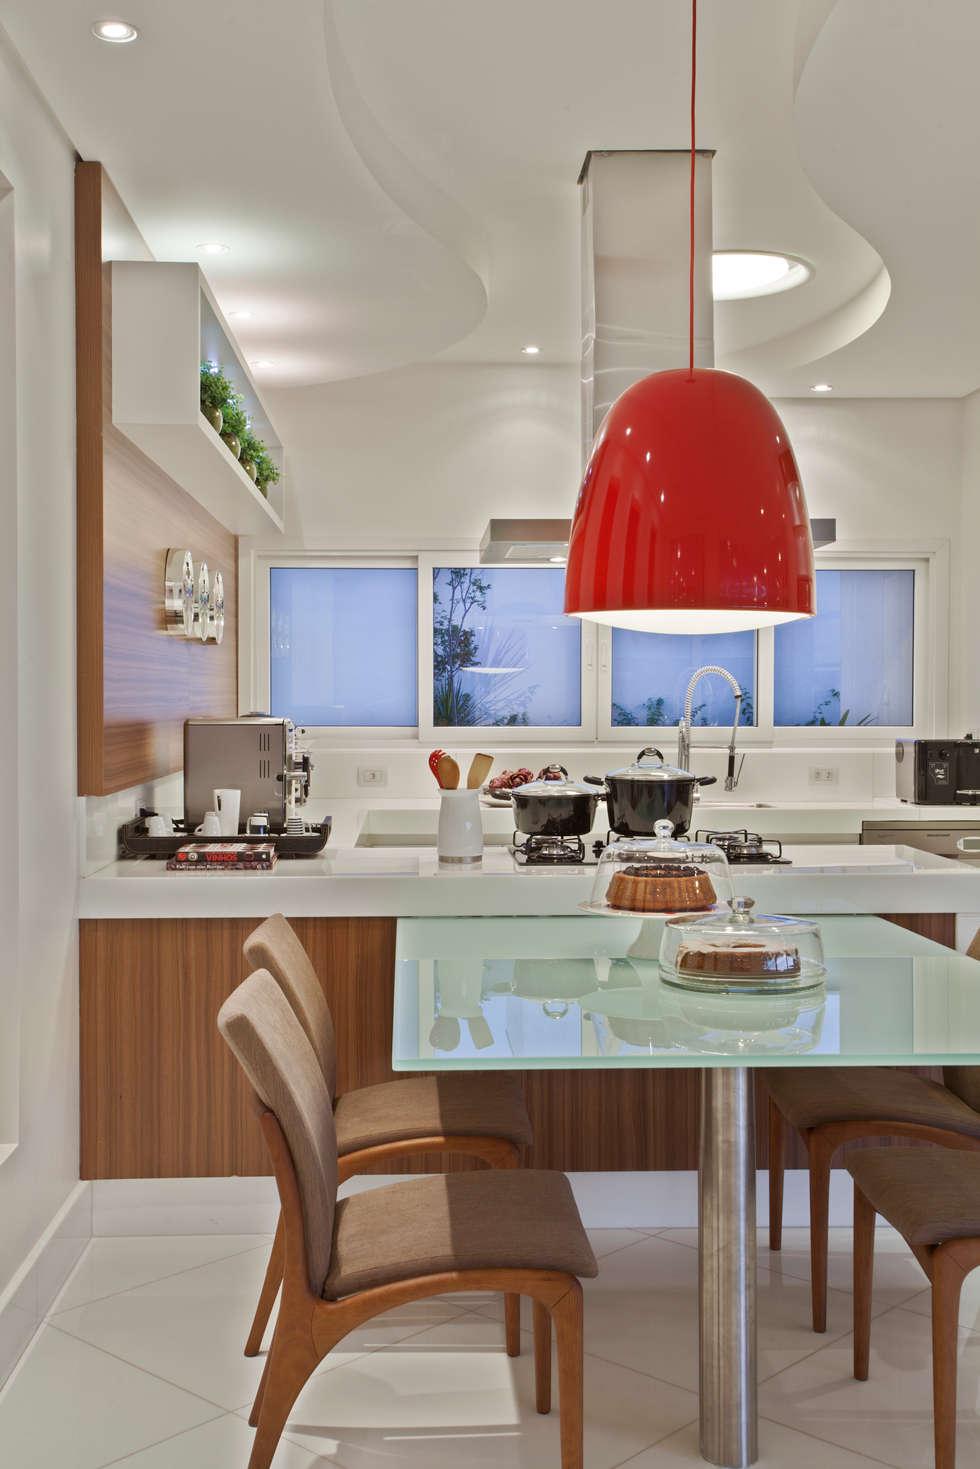 Casa Limeira: Cozinhas modernas por Arquiteto Aquiles Nícolas Kílaris